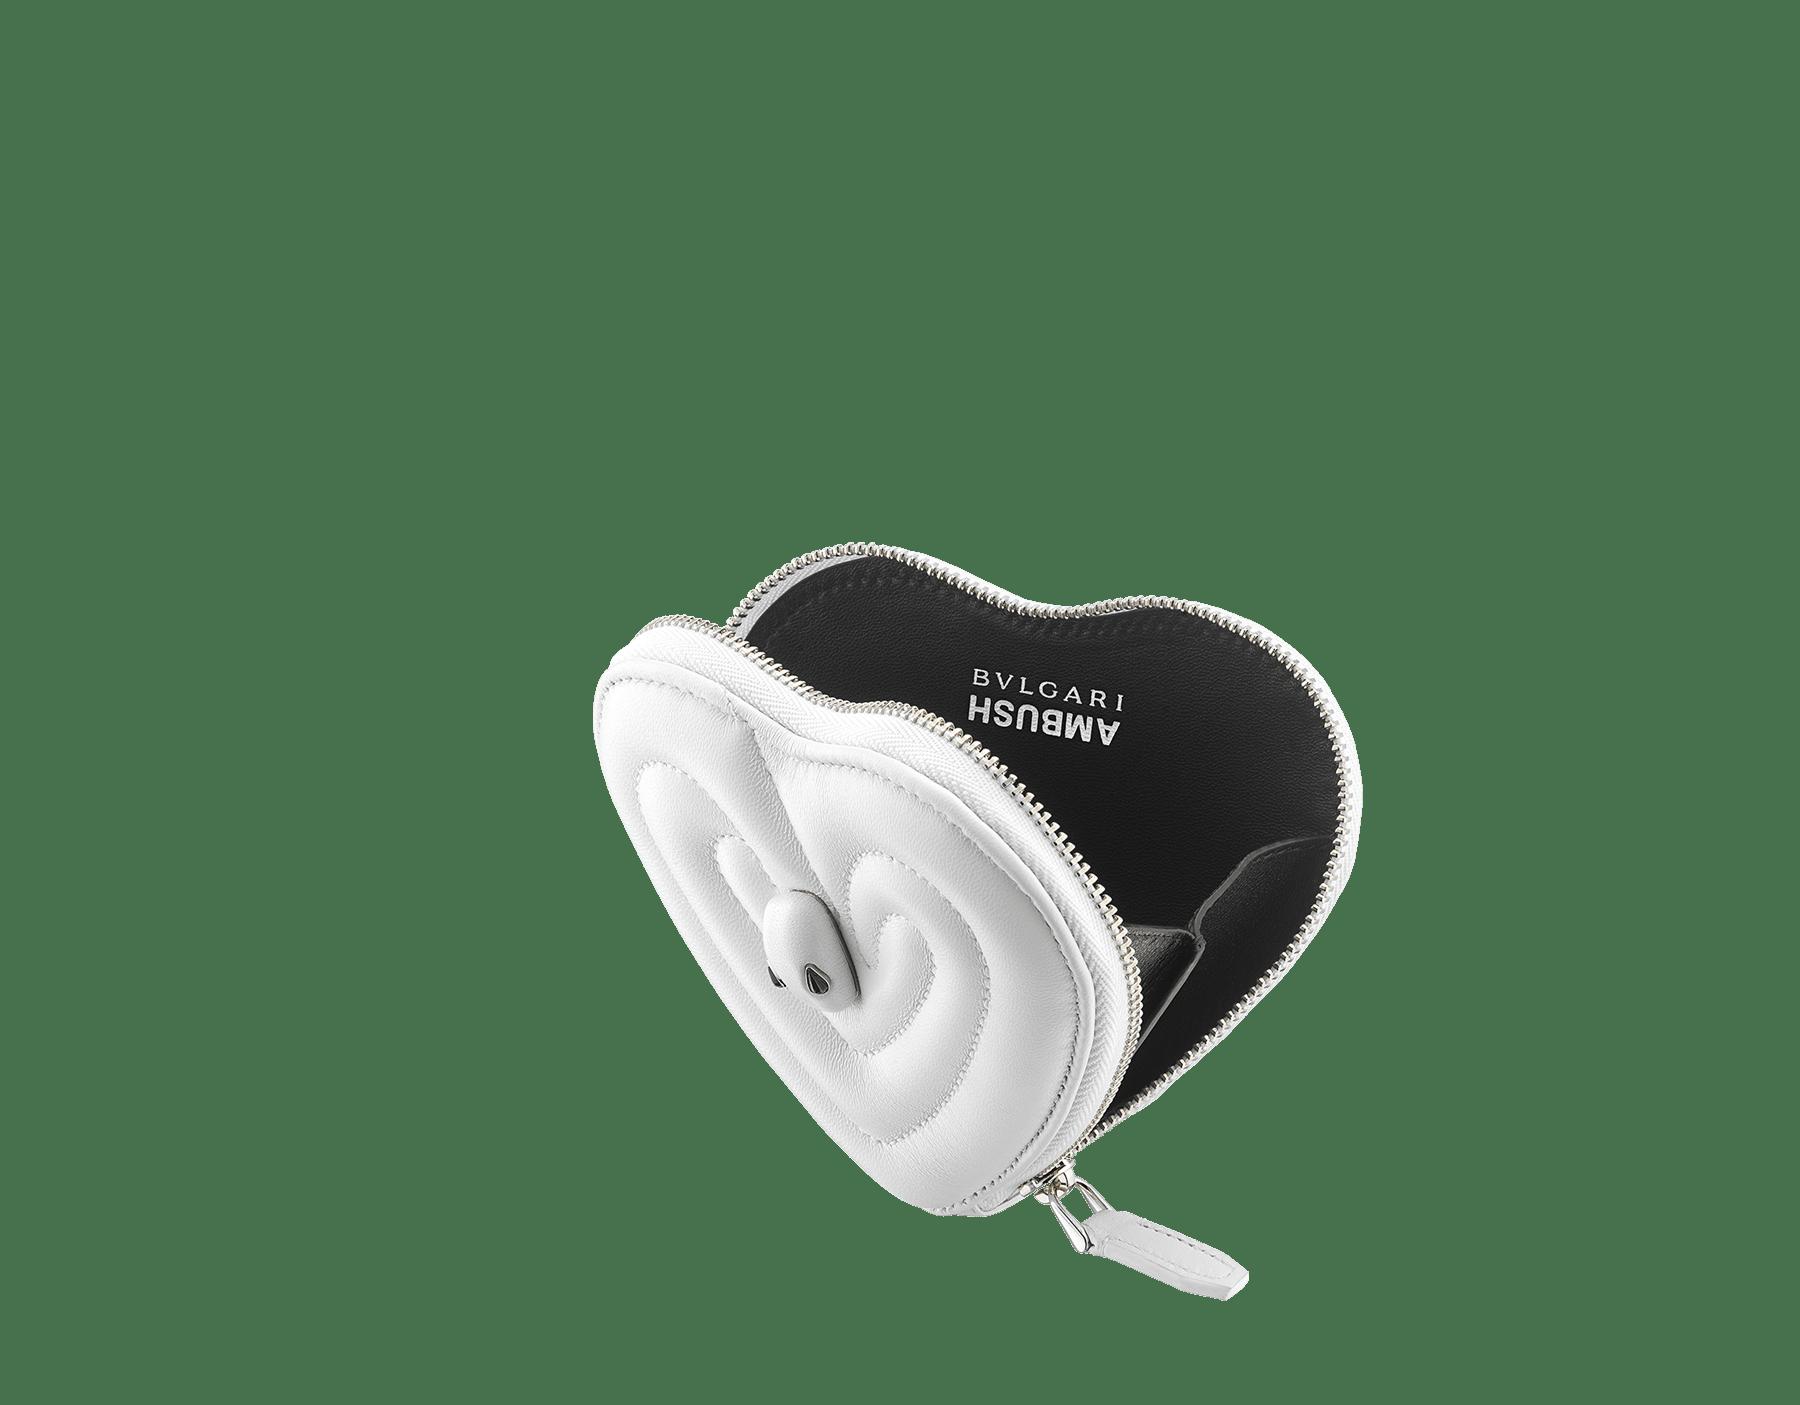 「AMBUSH x BVLGARI」コインパース。フラッシュダイヤモンドキルティングナッパレザー製。フラッシュダイヤモンドナッパレザーをまとったパラジウムプレートブラス製の新しいセルペンティ ヘッド。ブラックオニキスの目で仕上げています。日本限定リミテッドエディション 290428 image 2